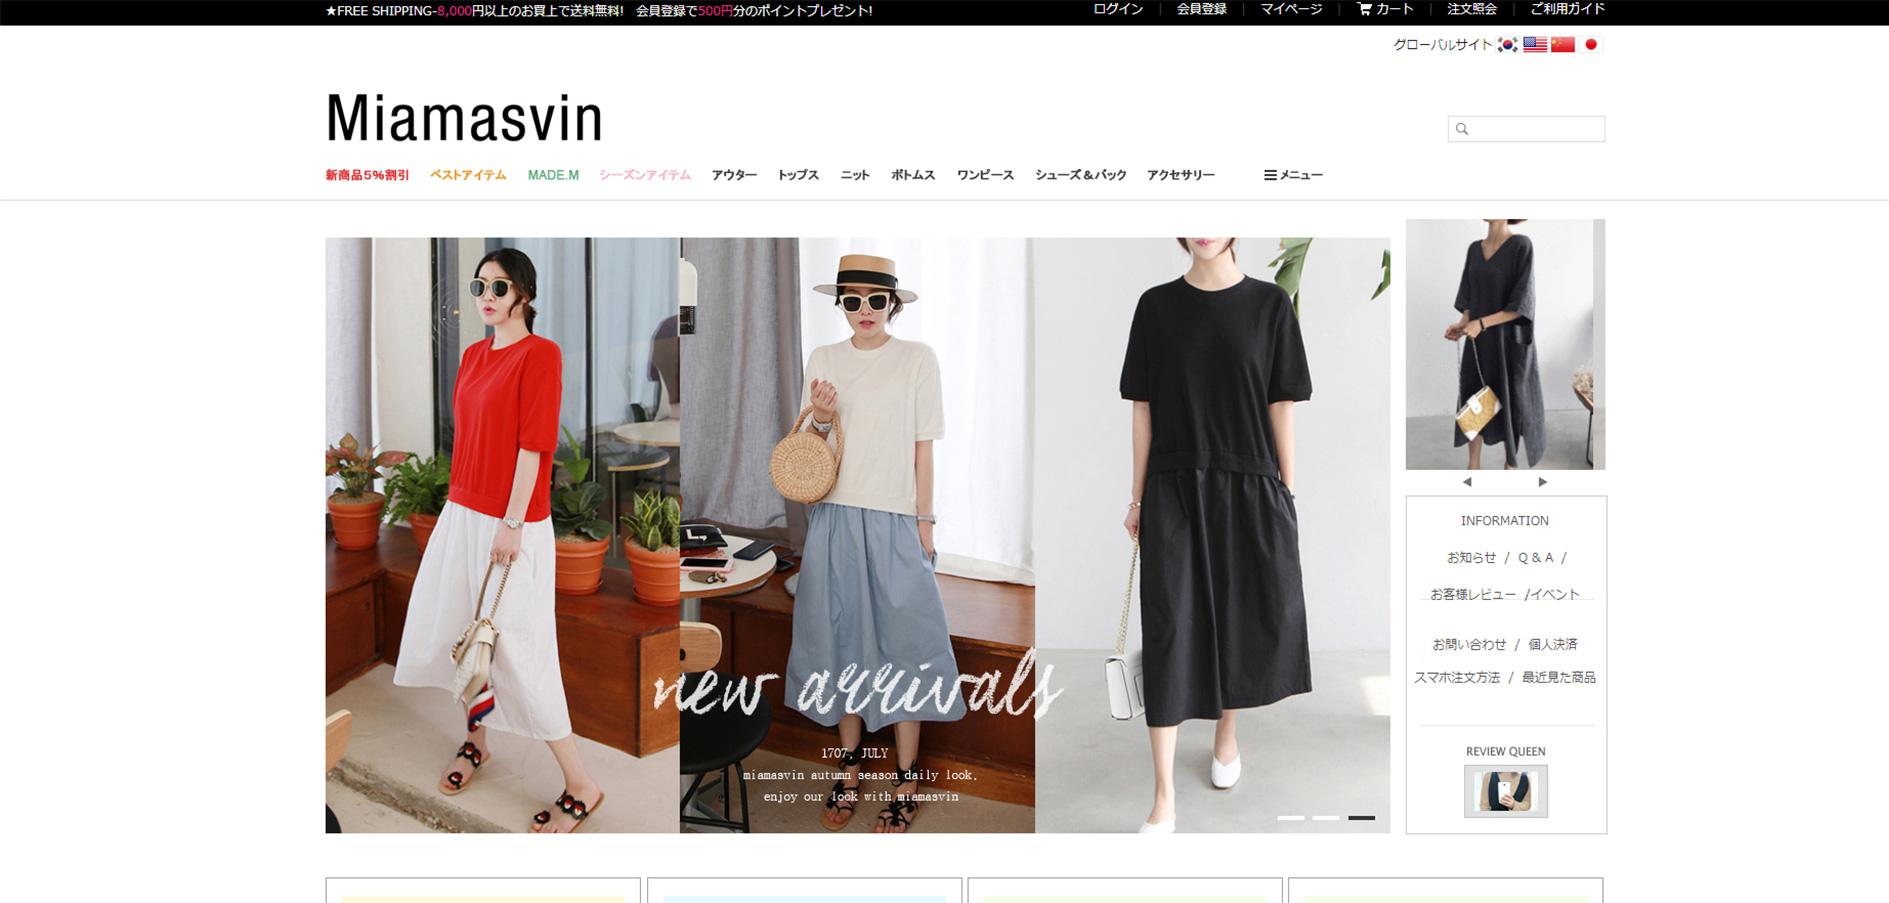 20代におすすめな韓国ファッション通販サイトのMIAMASVIN(ミアマズビン)